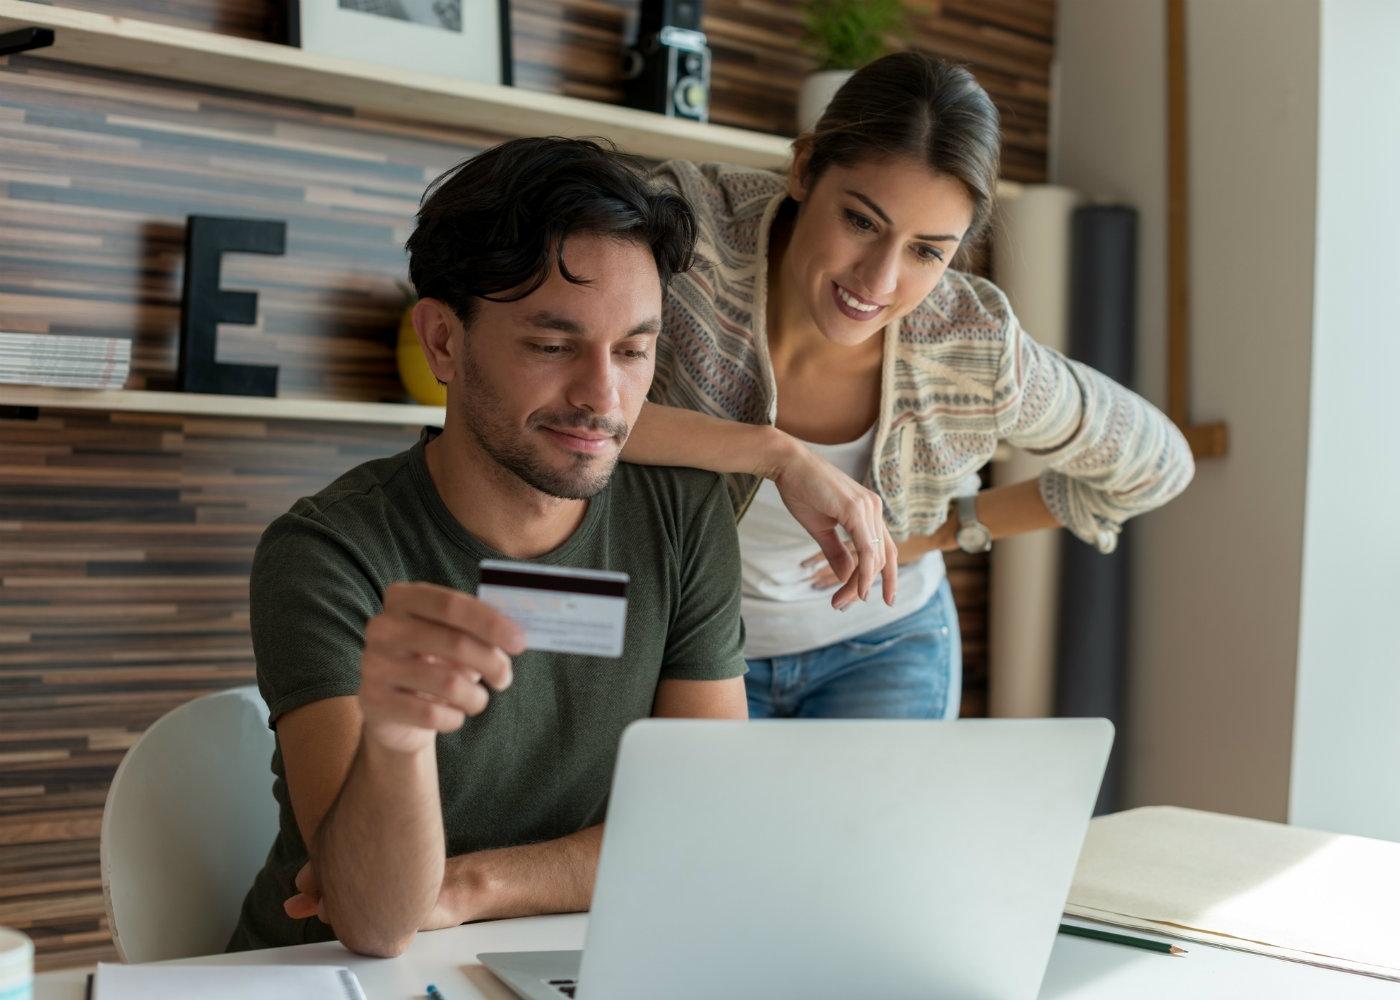 compras online com cartão de débito